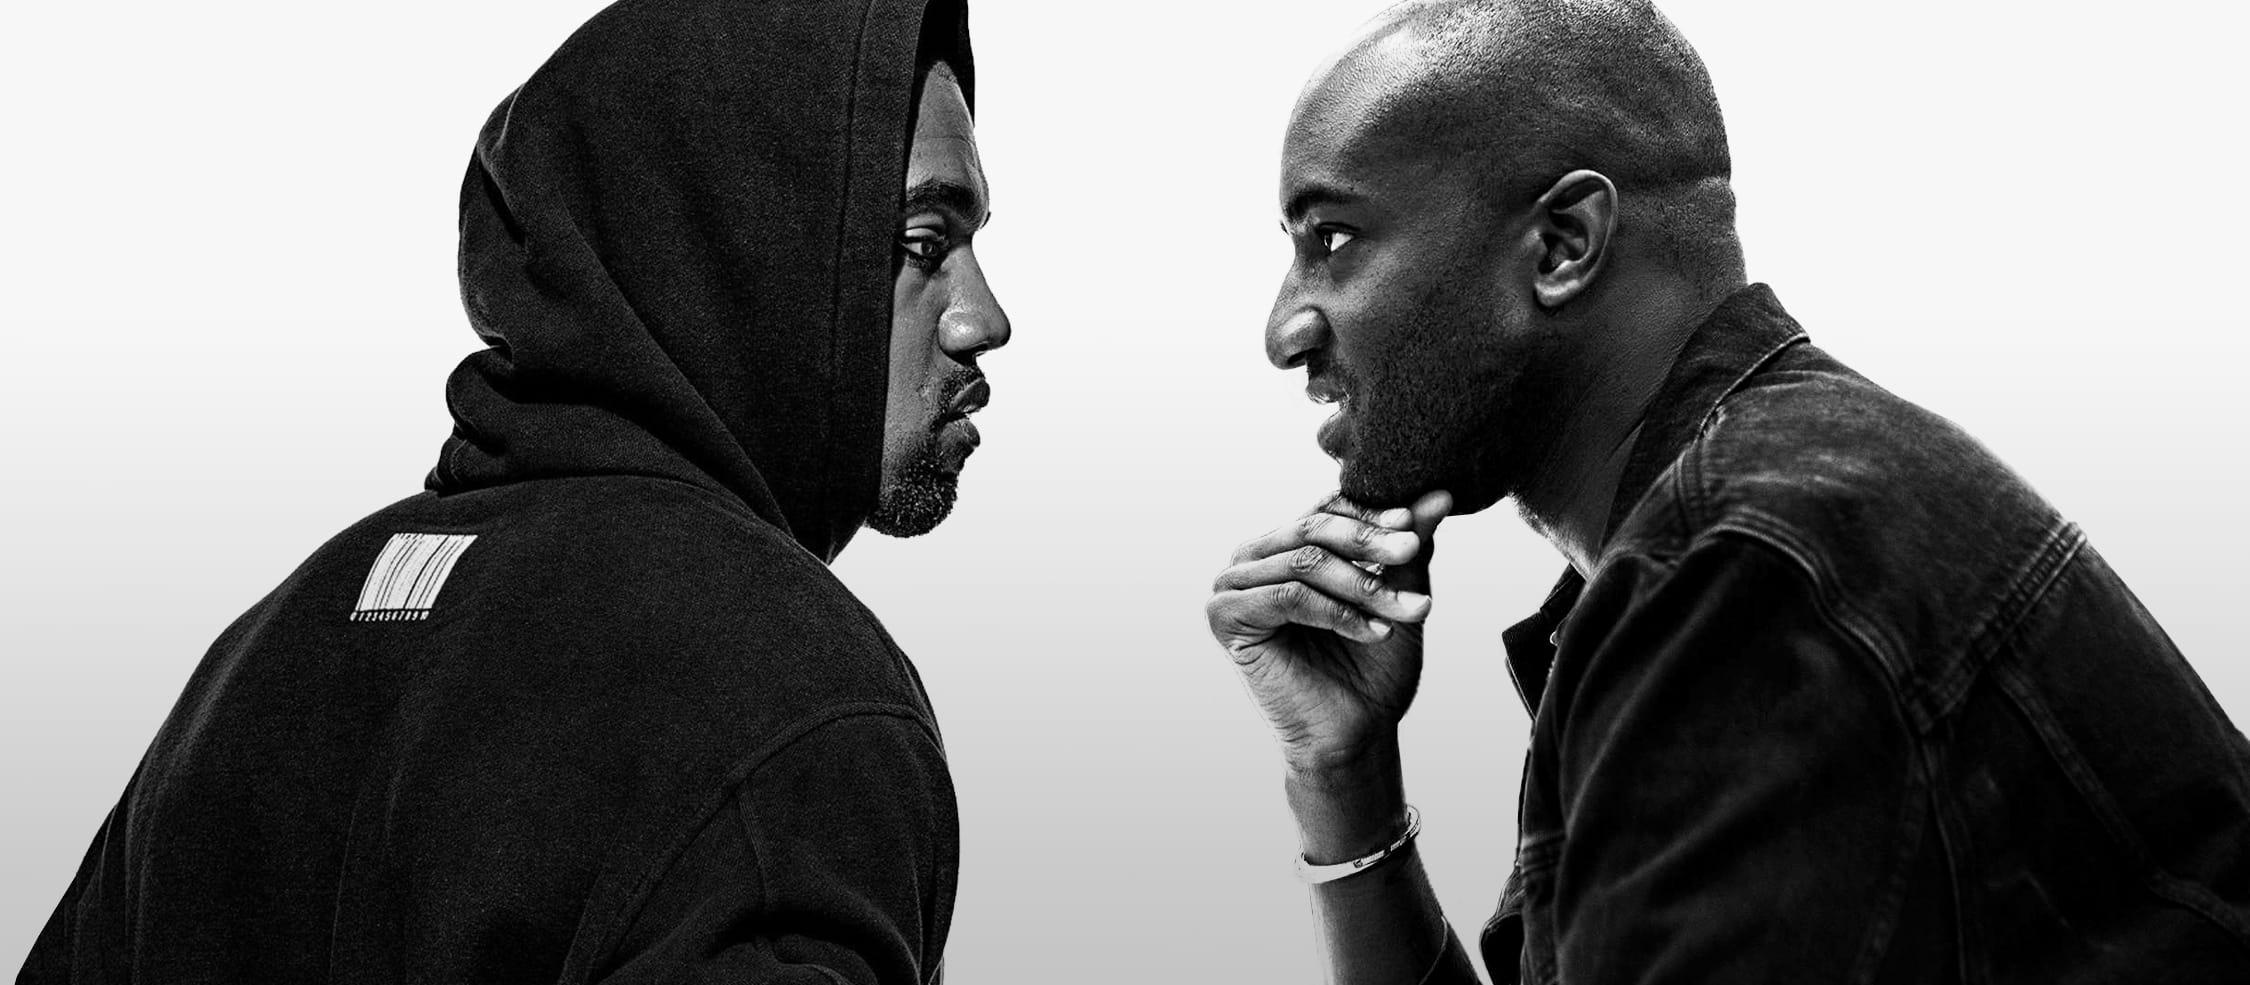 Virgil Abloh and Kanye West: Designer